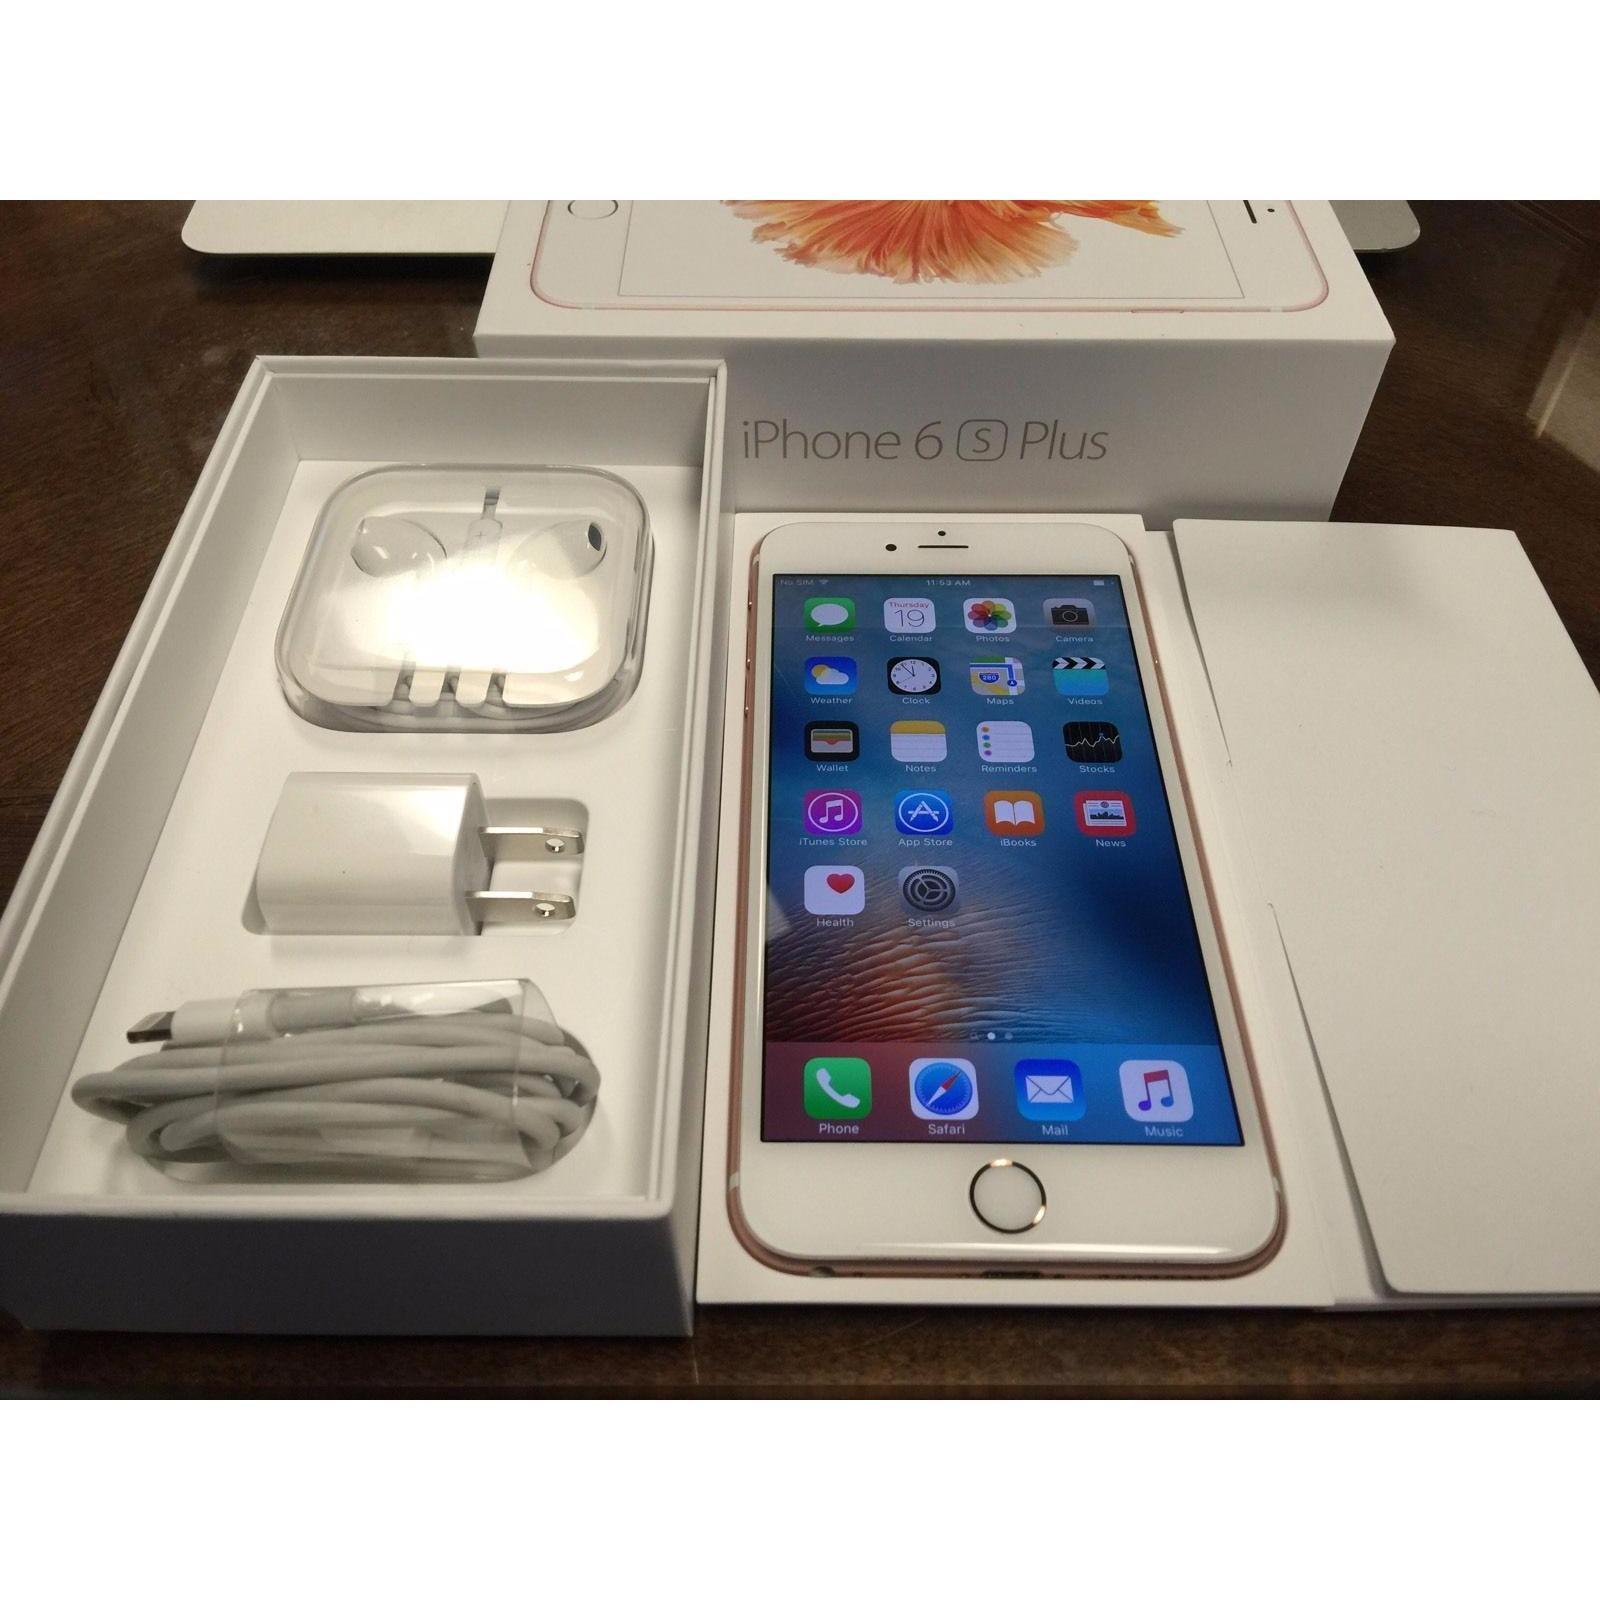 Apple iPhone 6s Plus - 64GB - Rose Gold